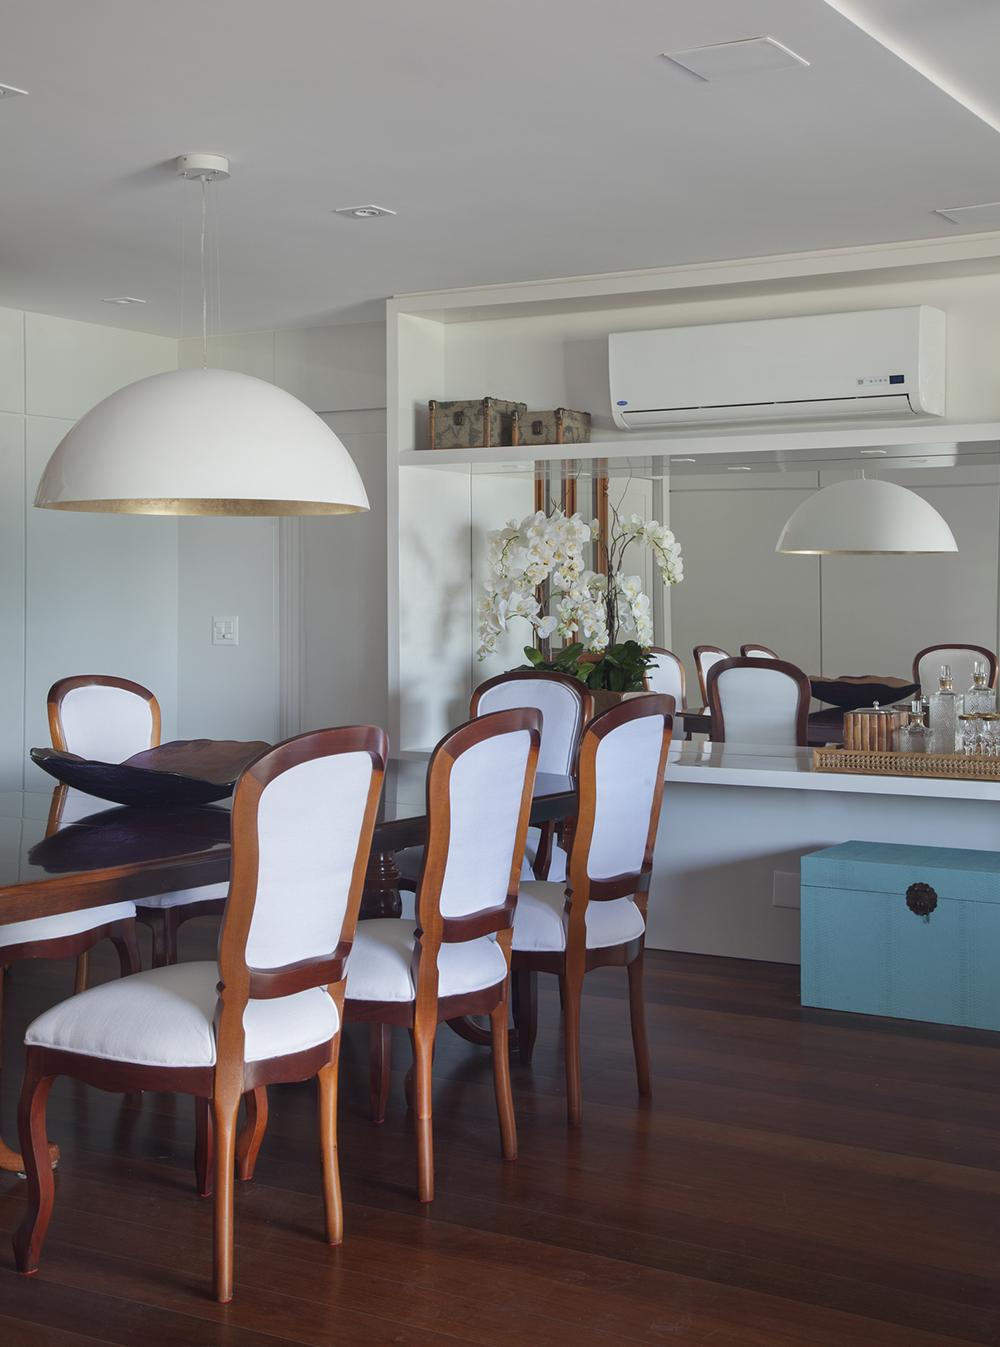 Aparador Com Espelho Sala De Jantar Mostrar Apenas A Imagem  -> Modelo De Sala Pequenas Com Espelho E Aparador